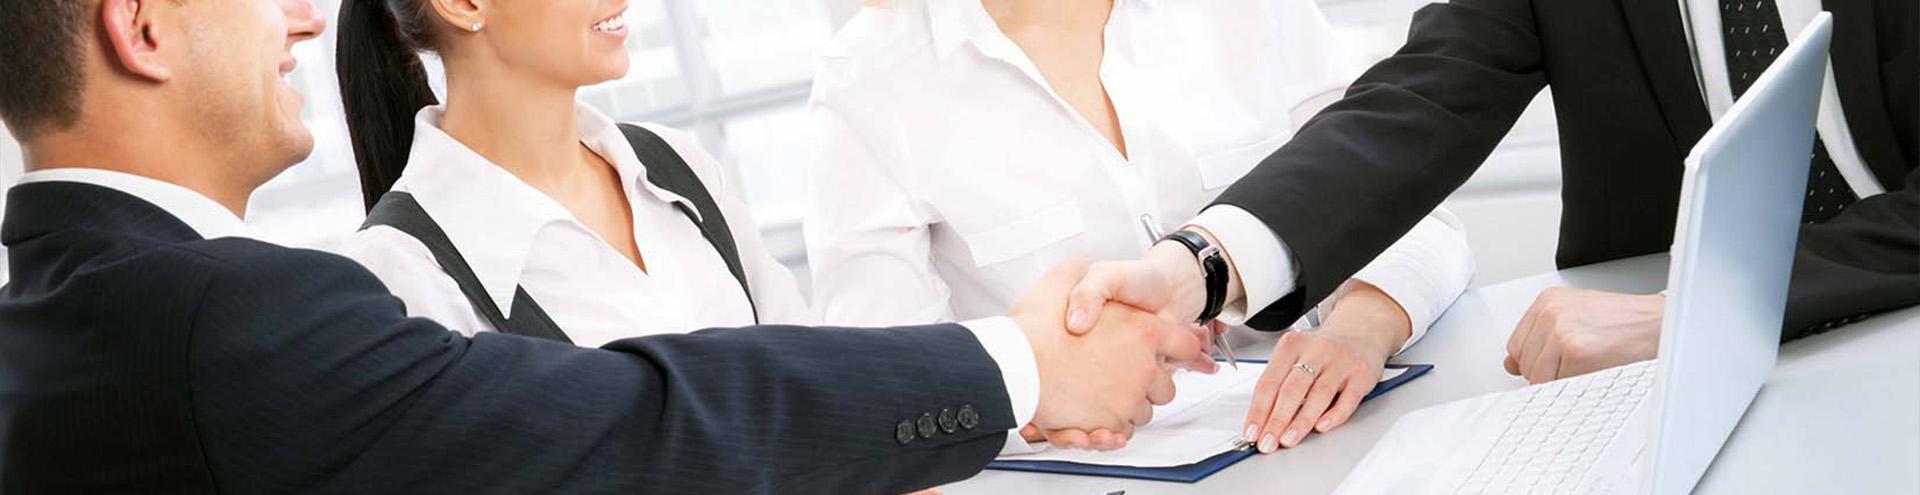 юридическое обслуживание физических лиц в Оренбурге и Оренбургской области